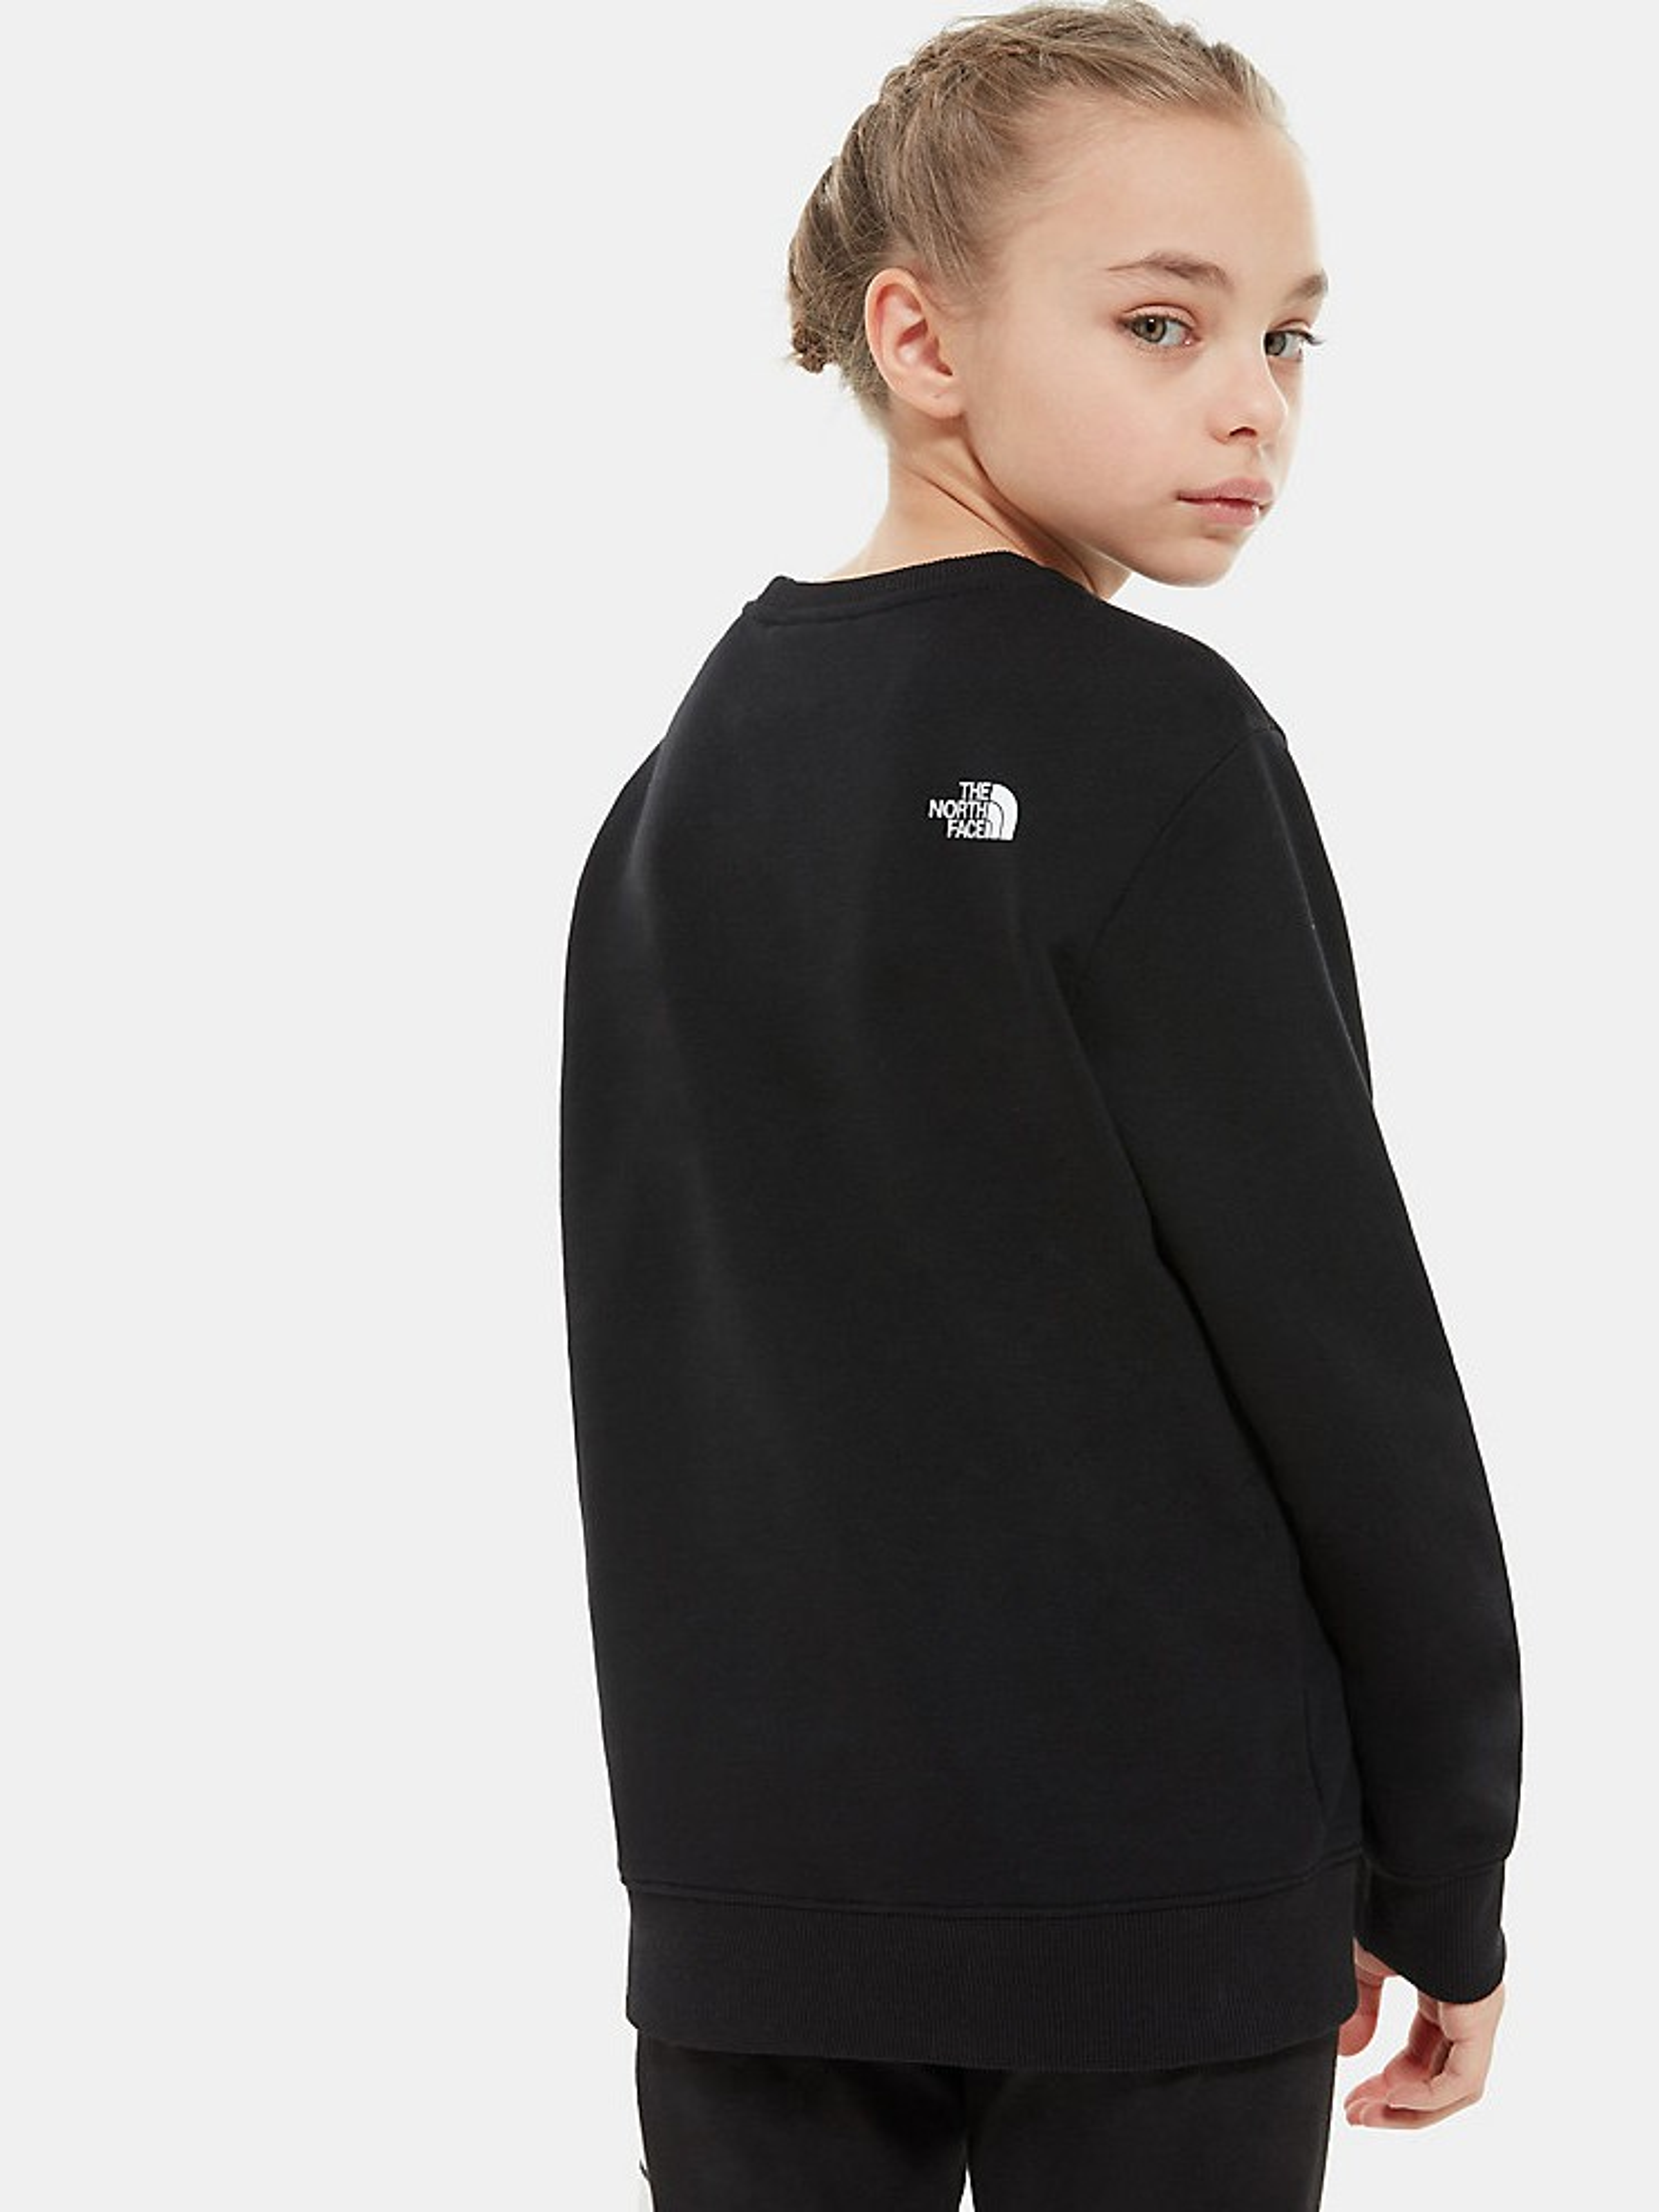 Кофты и свитера детские The North Face модель 7Y133 , 2017